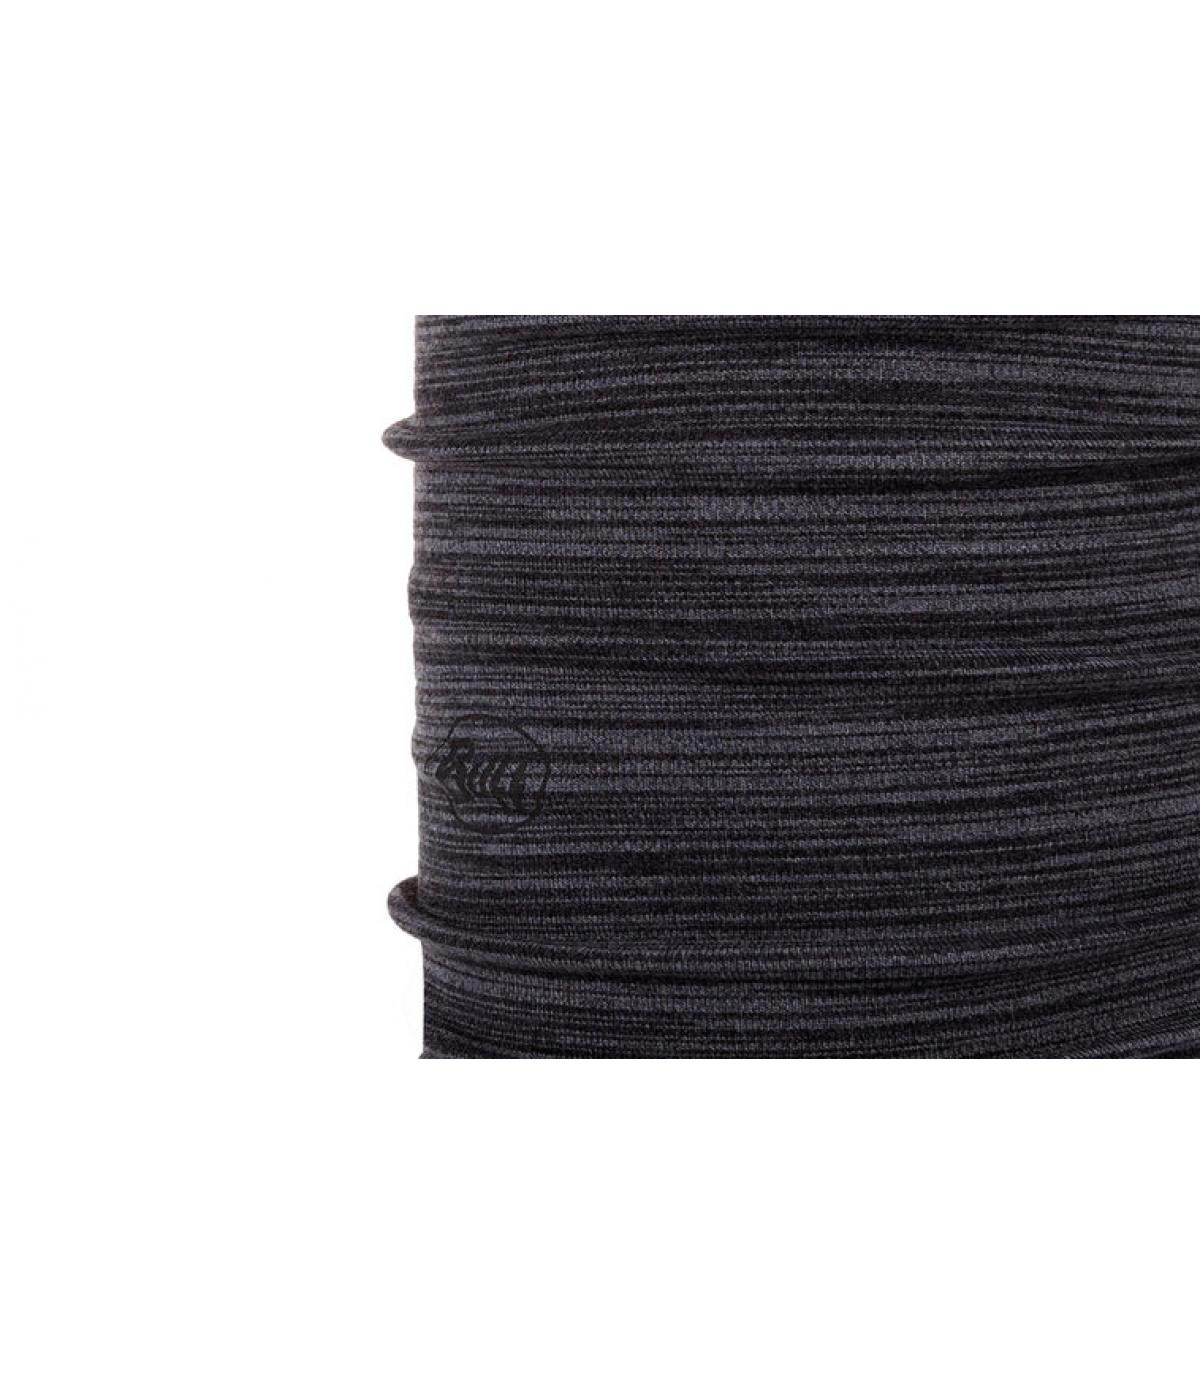 Buff Wolle grau schwarz